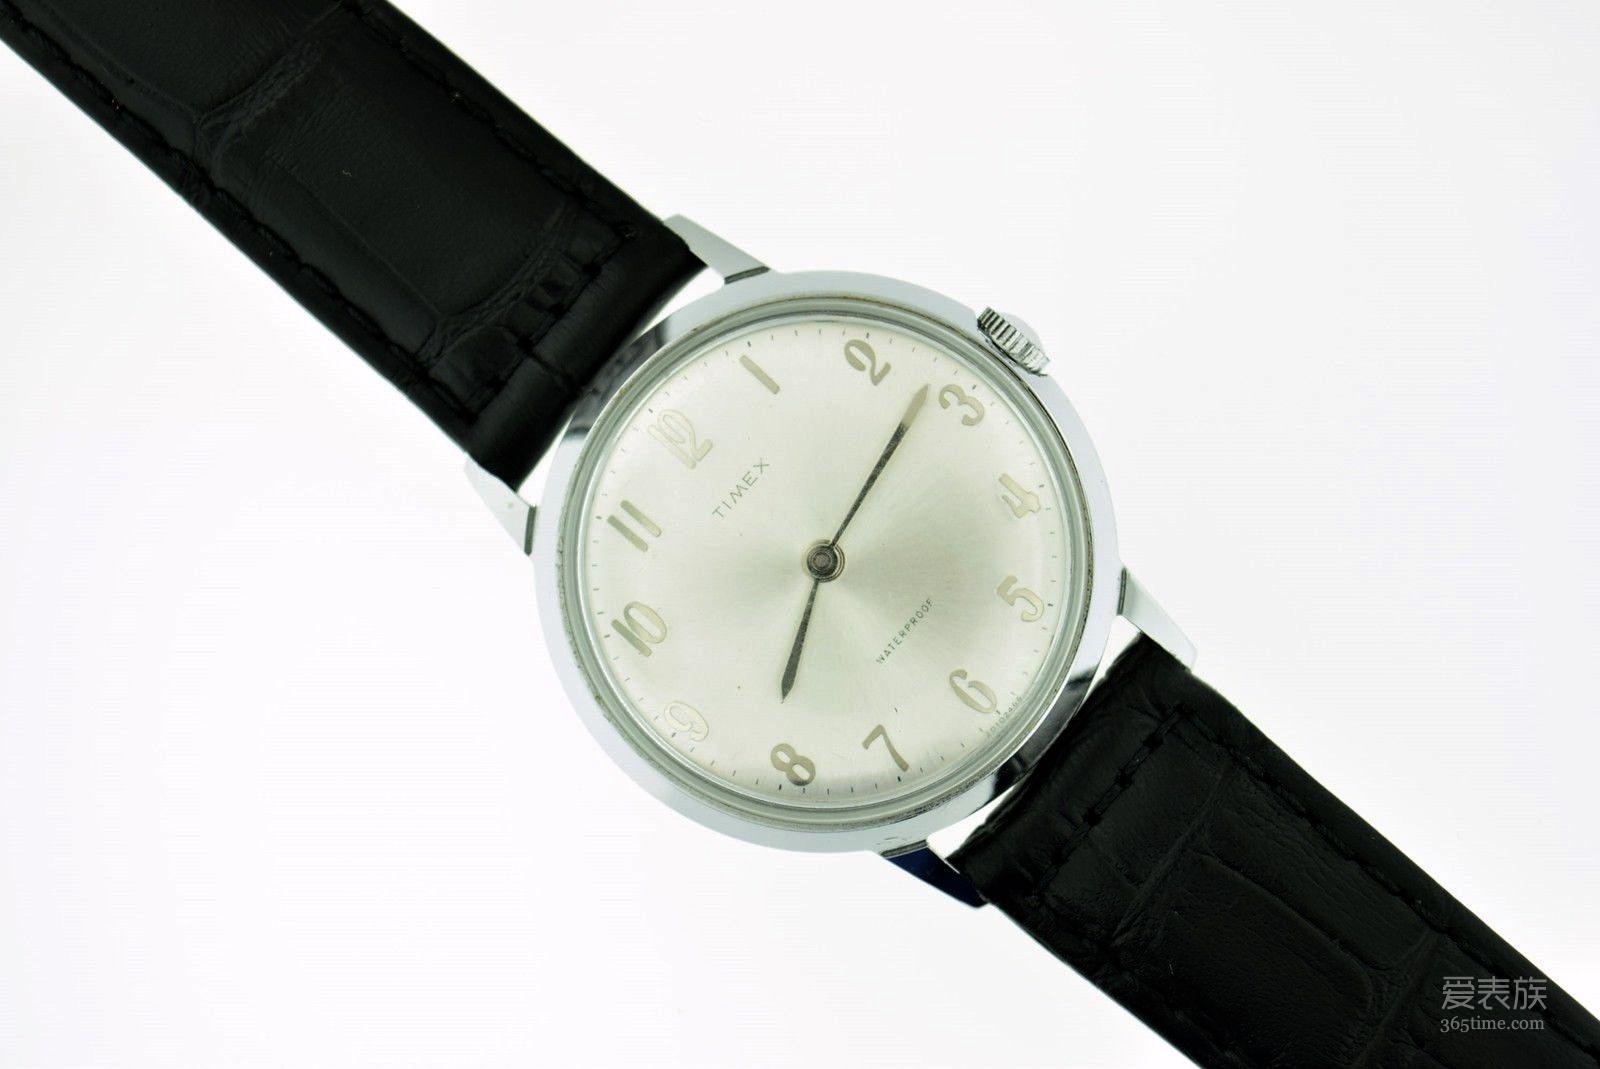 时隔35年,这个制表品牌重回机械制表市场,并带来了价格不到200美元的手动上链腕表